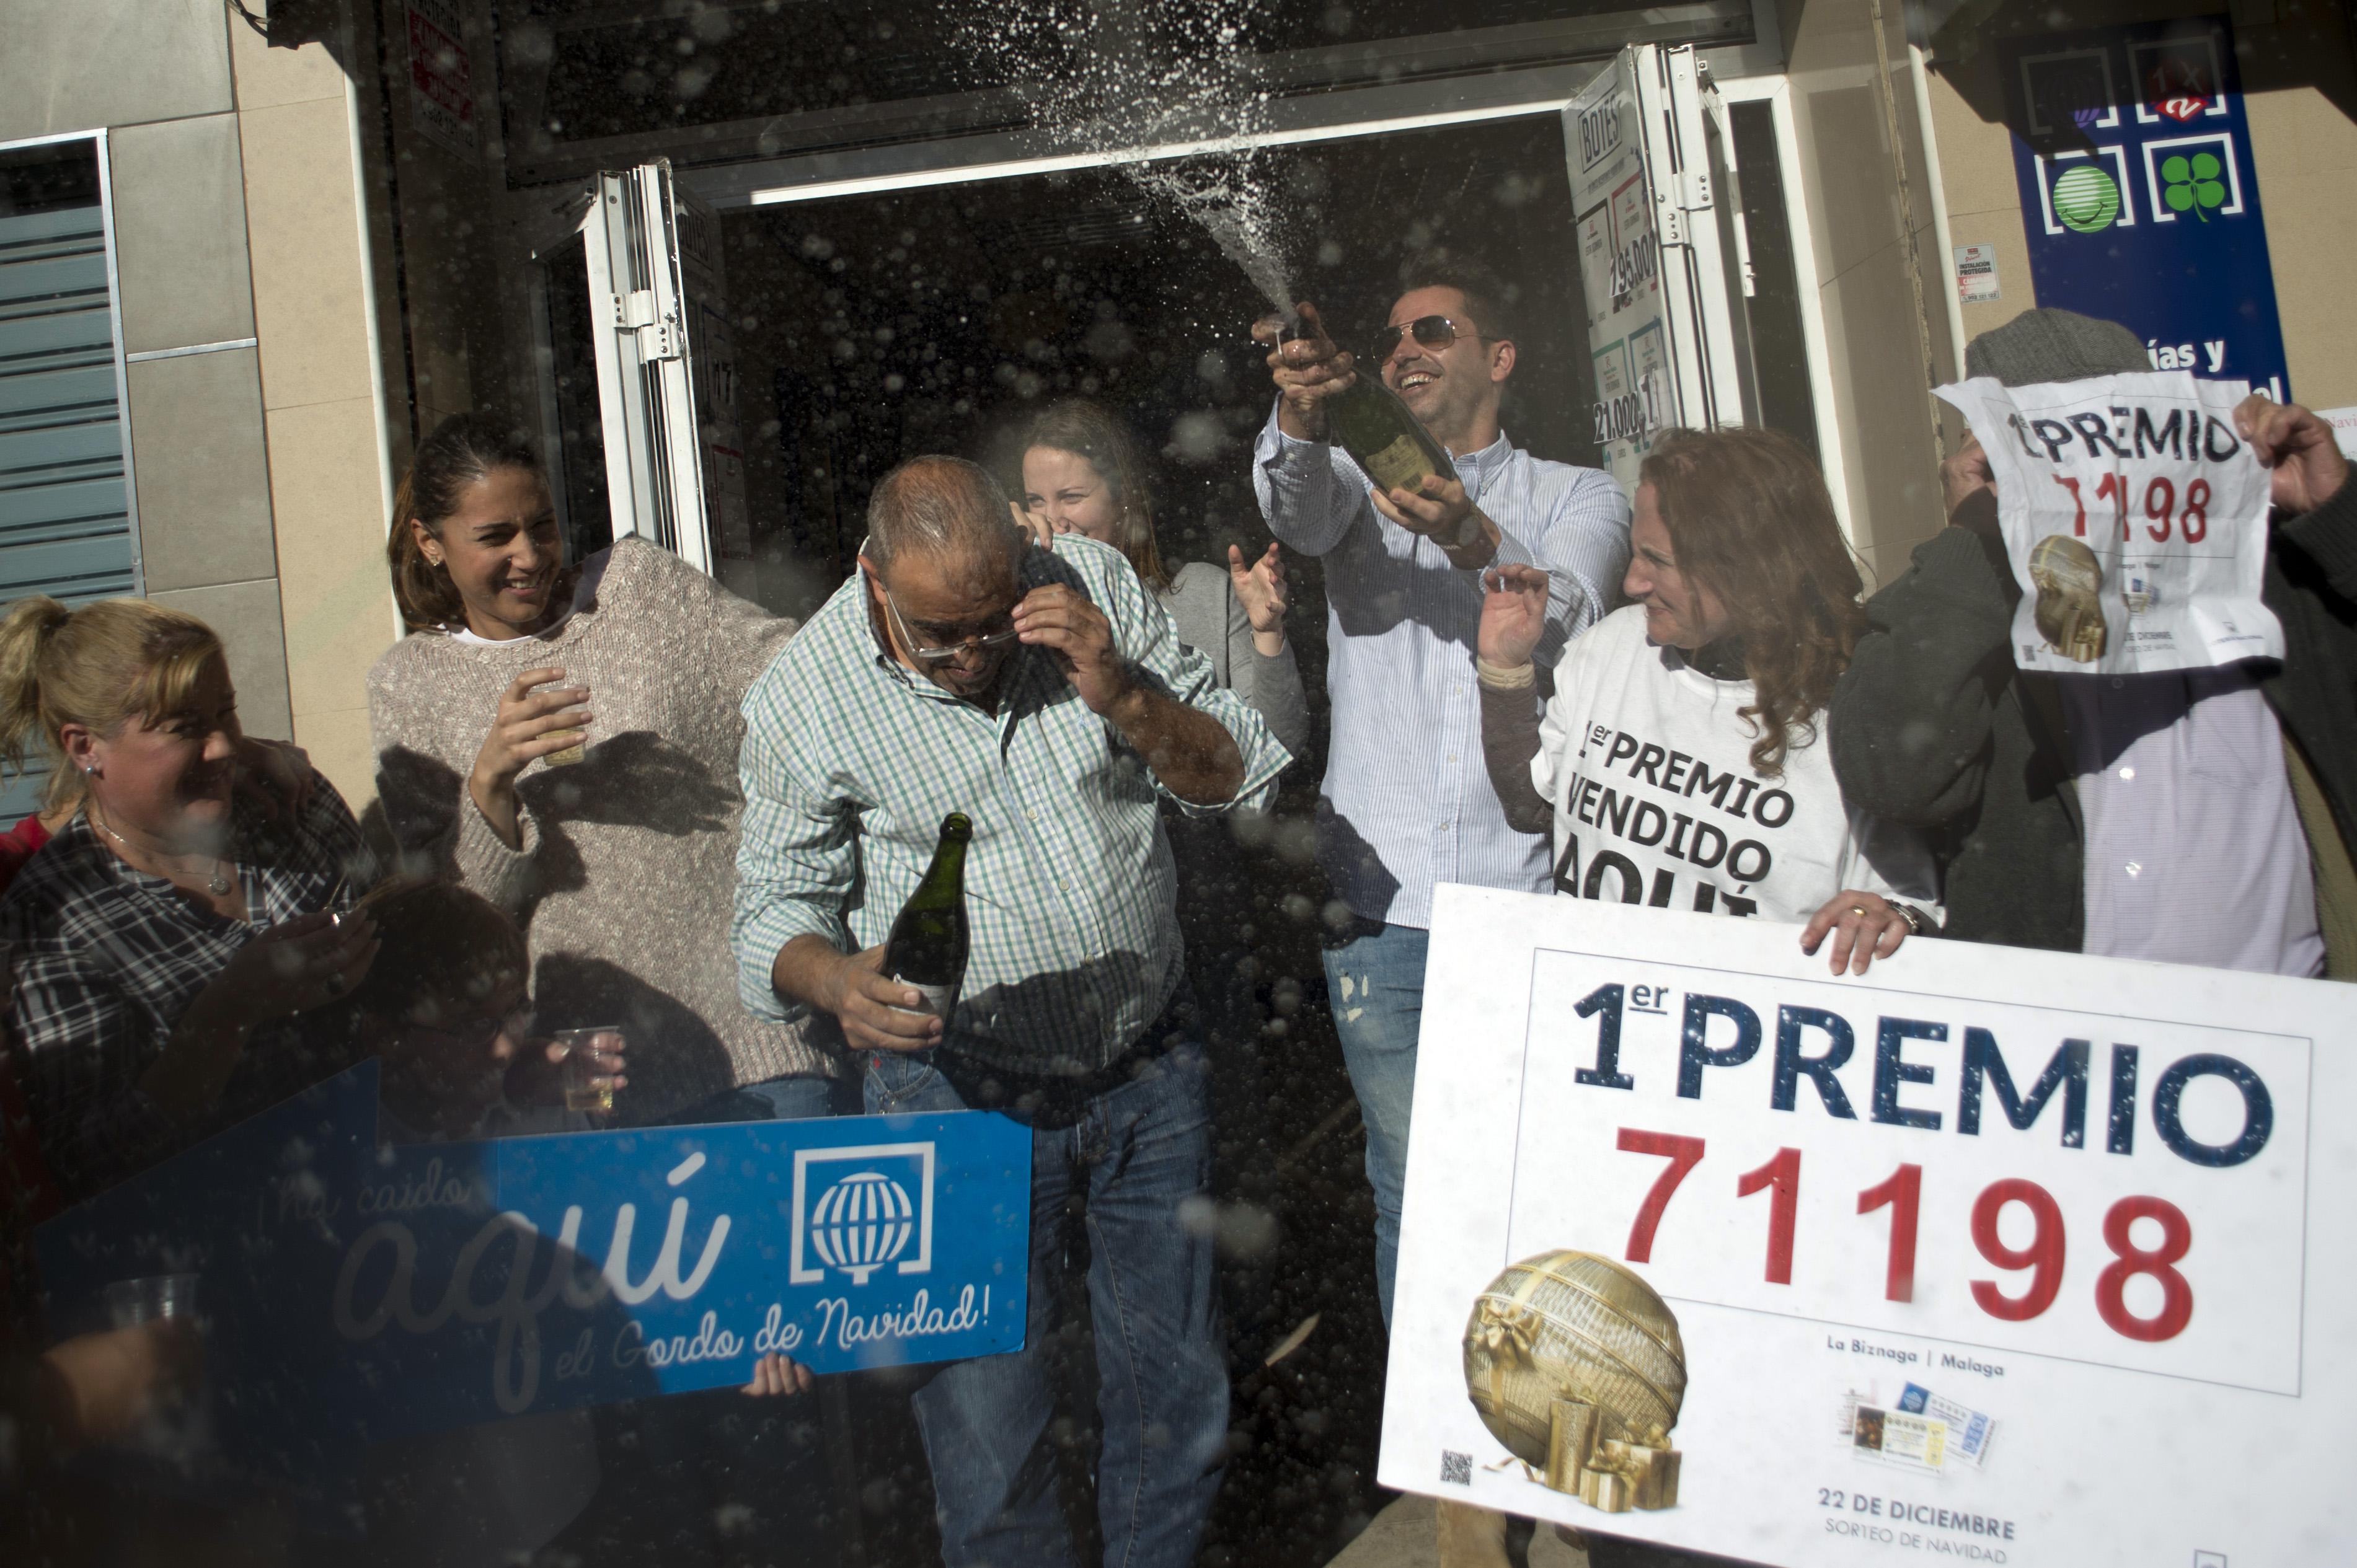 100 millió eurót nyertek a lottón a bilbaói munkások